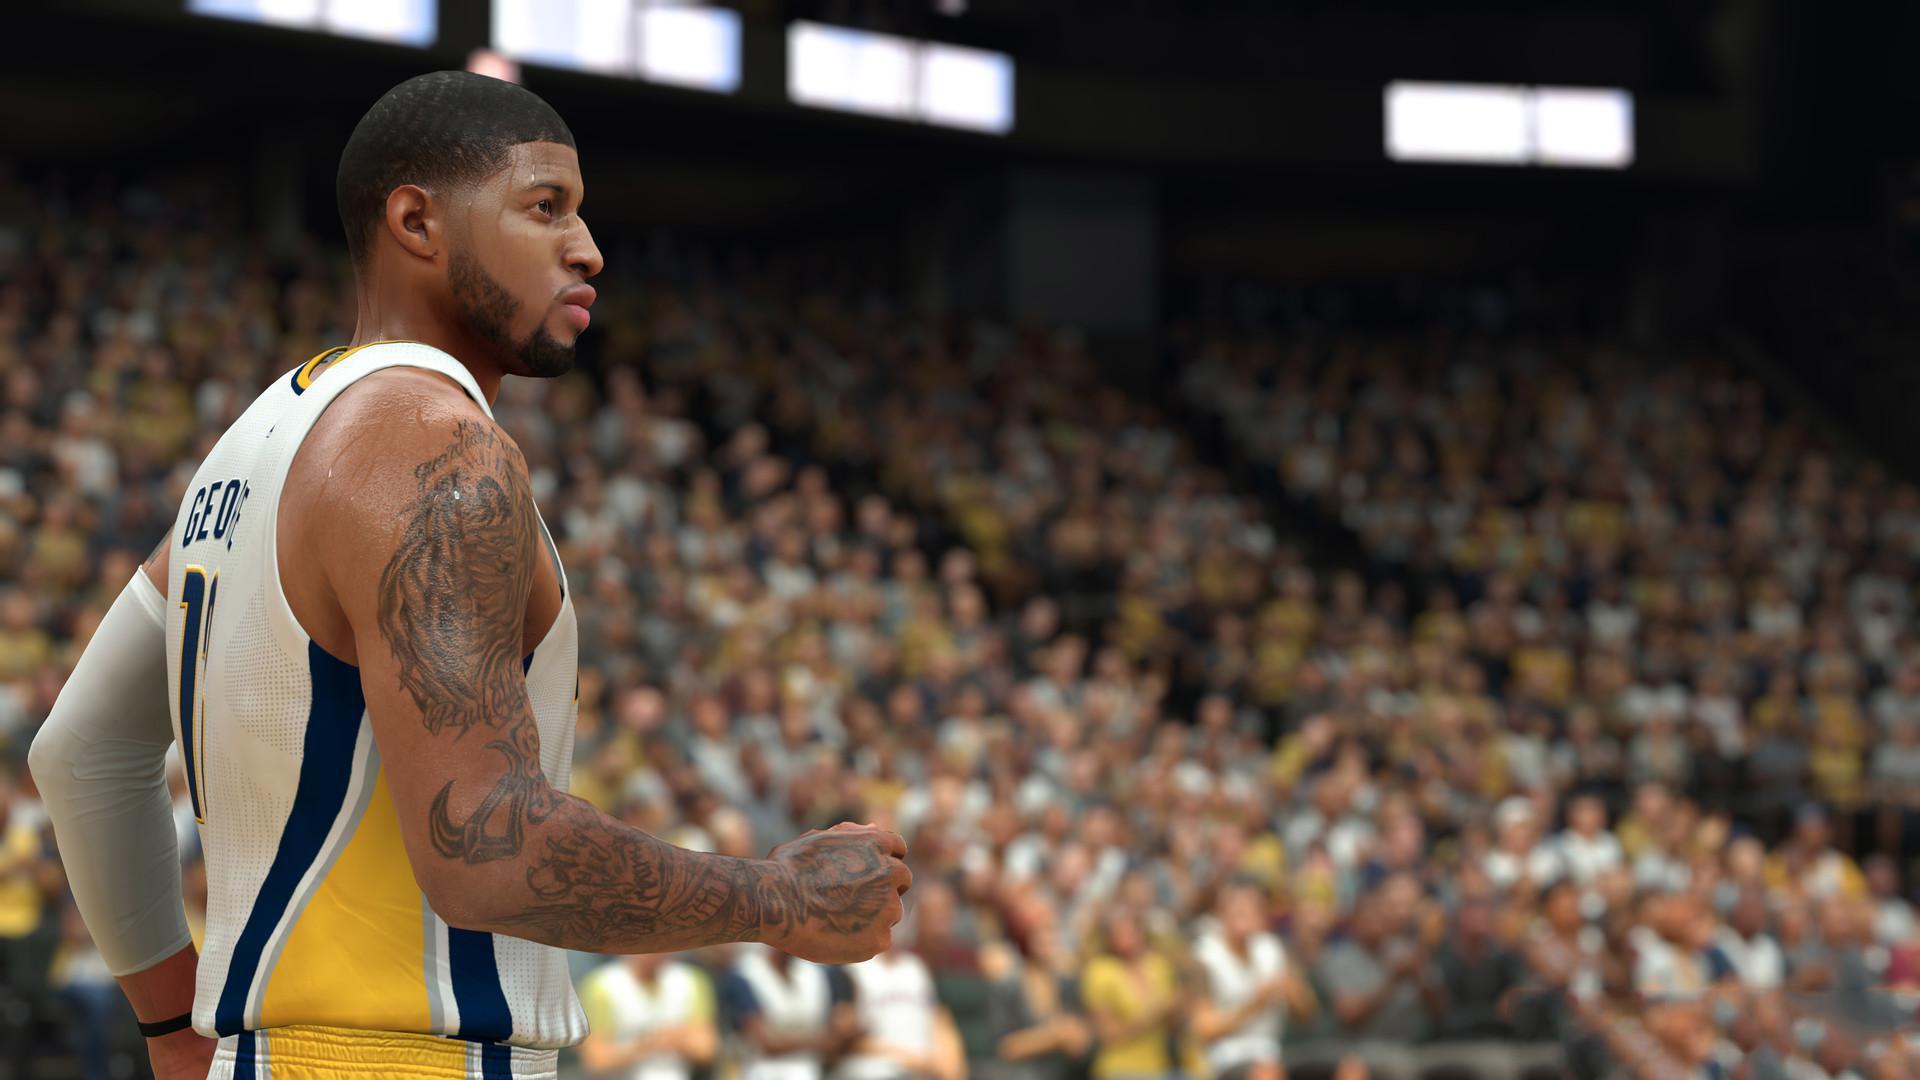 单机游戏下载《NBA 2K18》护眼桌面壁纸高清